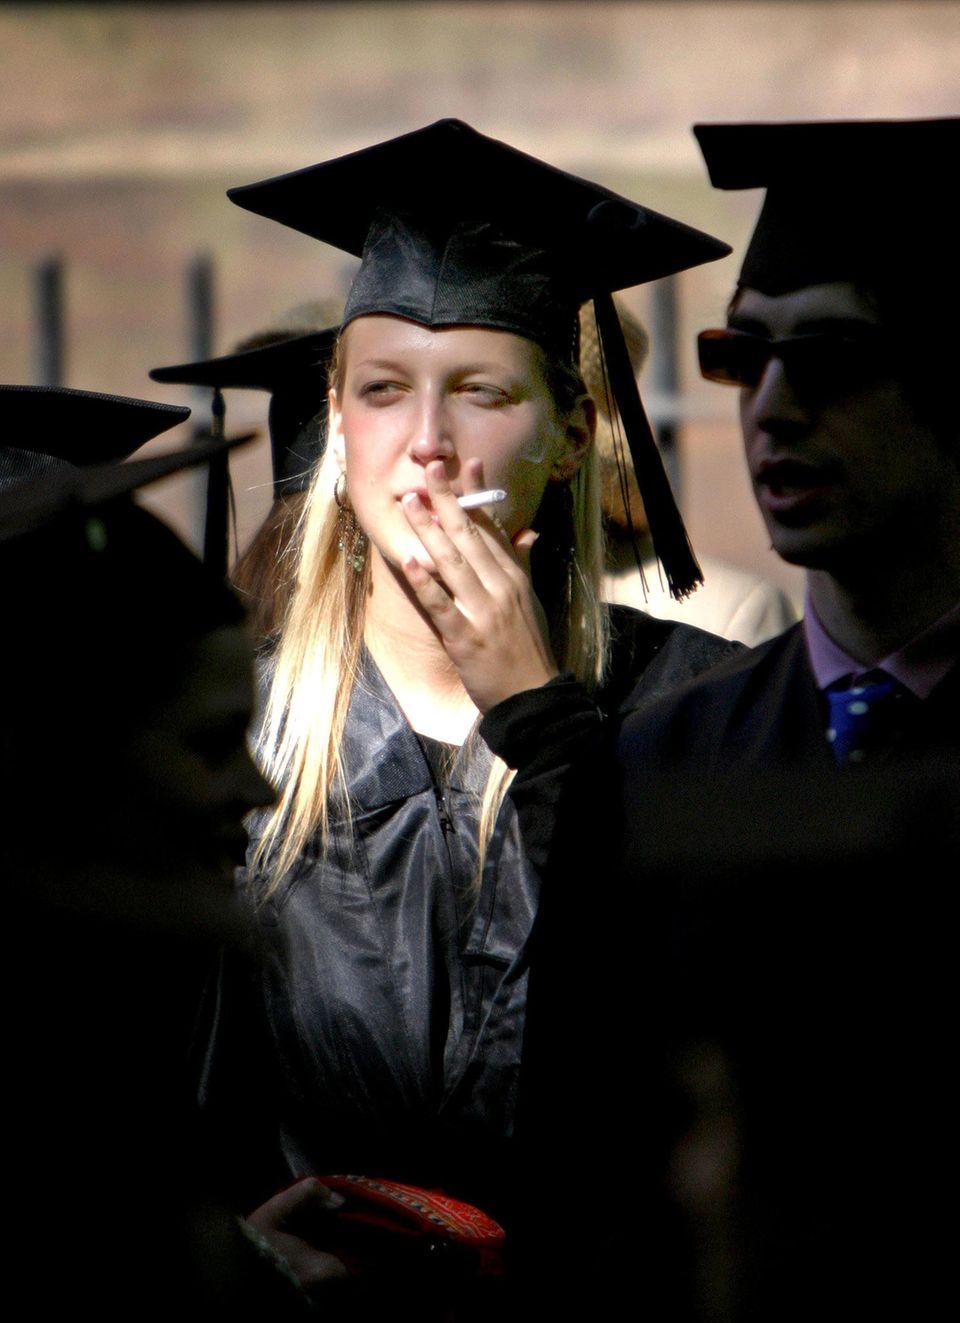 2004 macht Lady Gabriella an der Brown University im US-Bundesstaat Rhode Island ihren Master-Abschluss in Vergleichender Literaturwissenschaft. Anschließend studiert sie inOxord Sozialanthropologie.